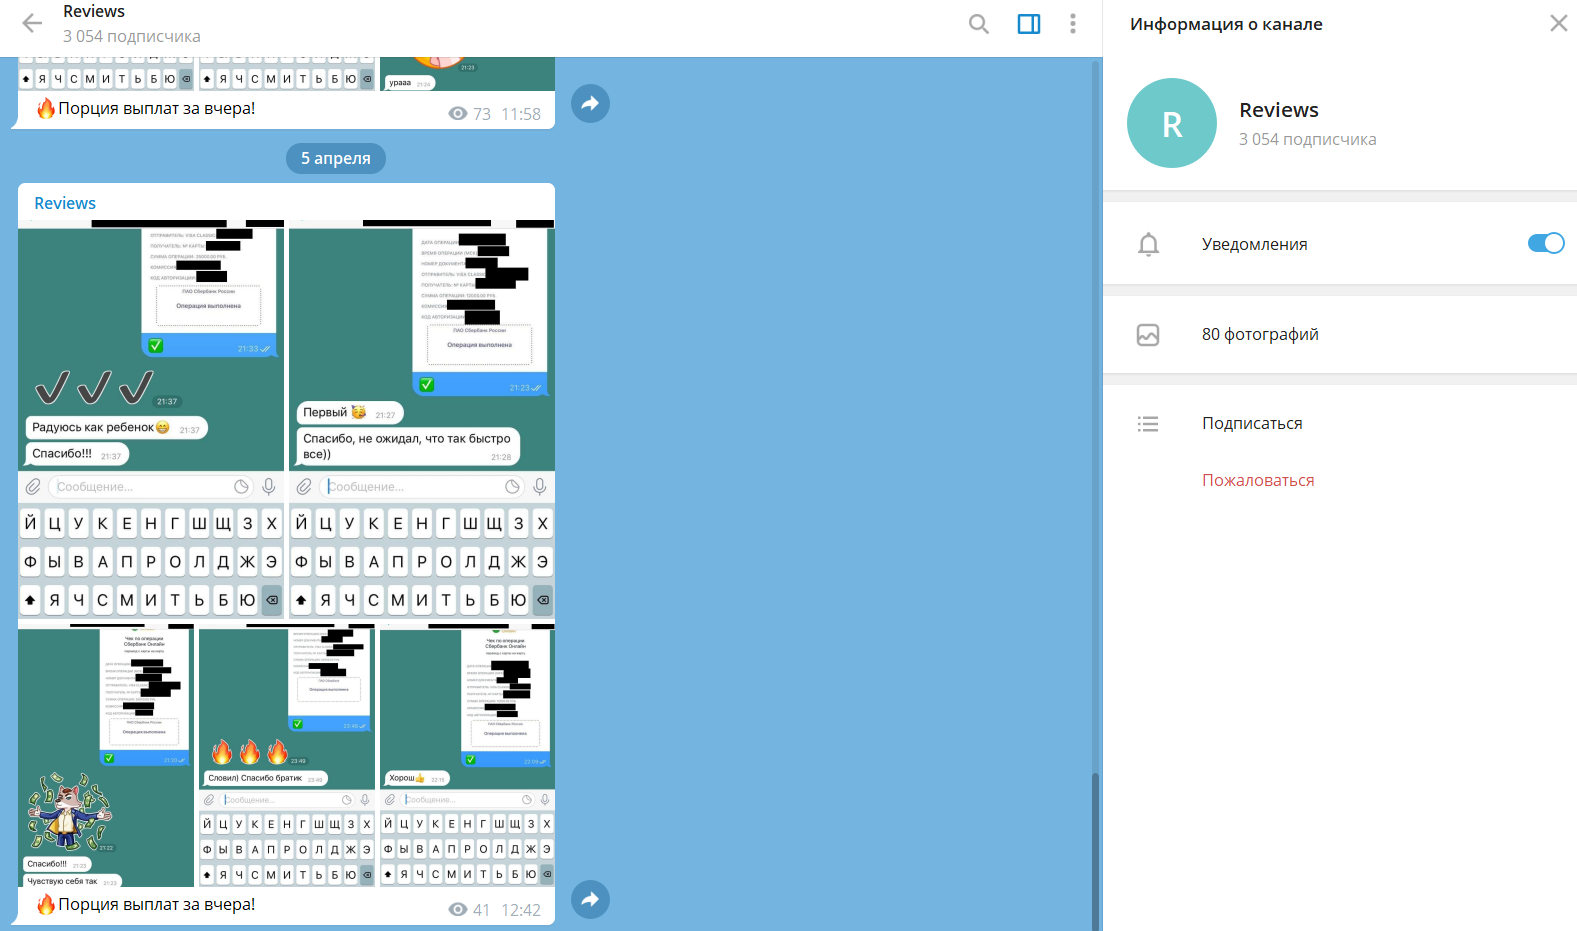 Отзывы о Телеграмм боте Импортант Гейм